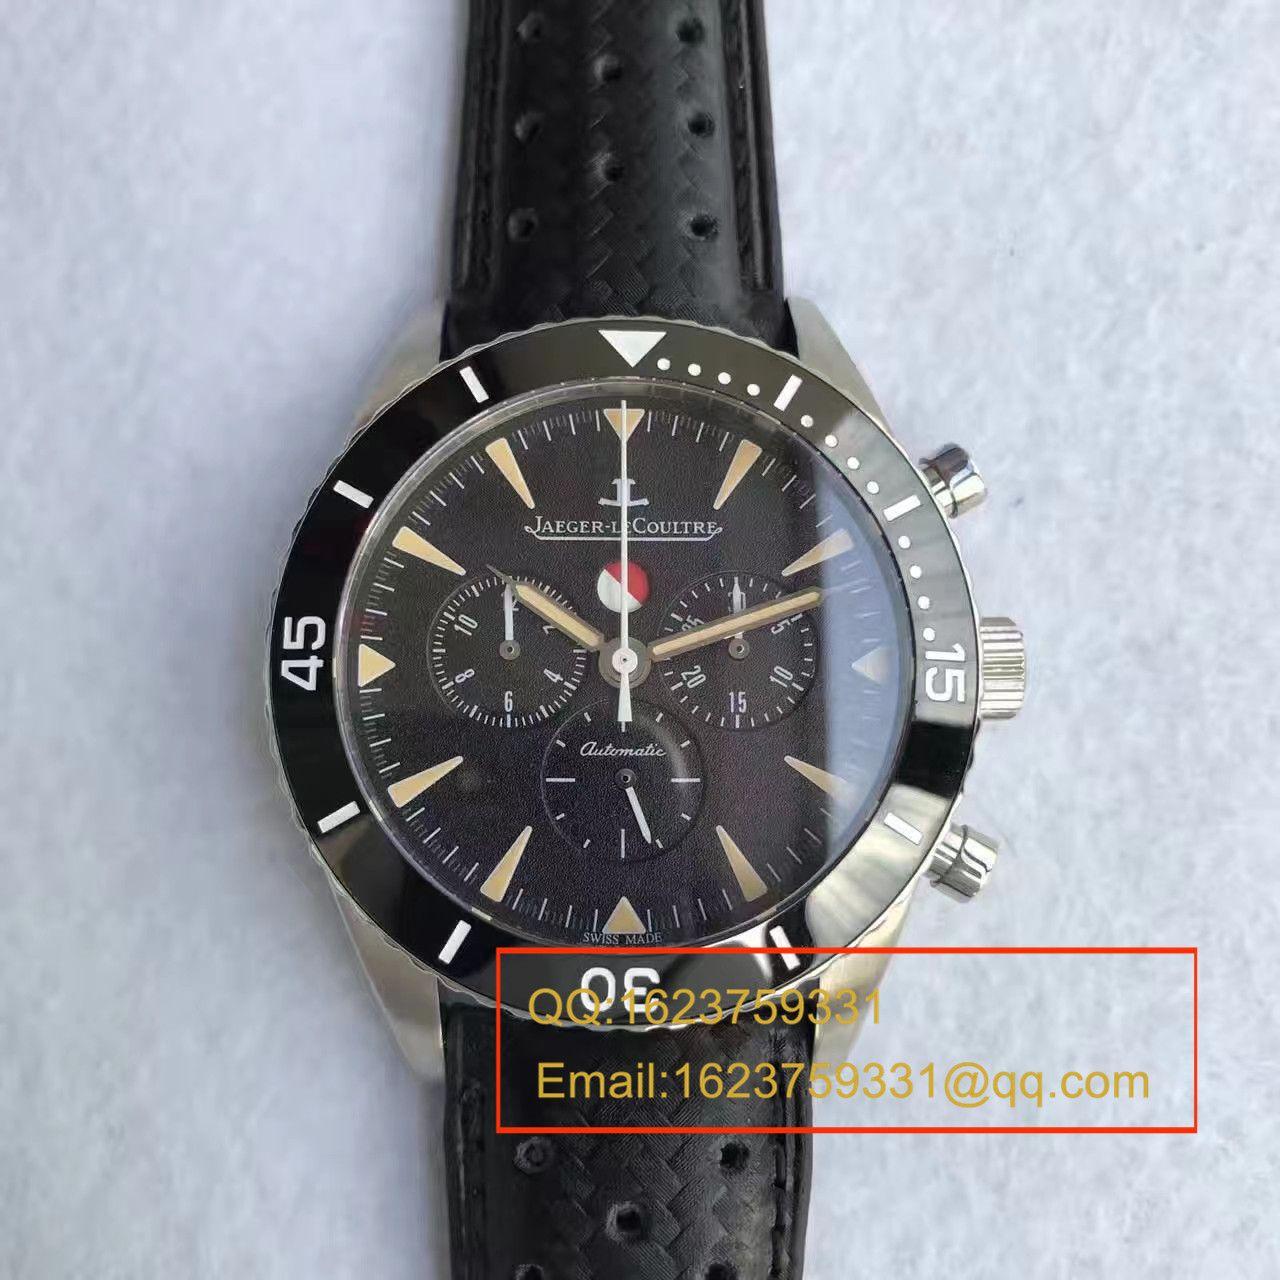 【台湾厂1:1超A高仿手表】积家极限大师系列《积家深海传奇系列 》Q208A57J腕表